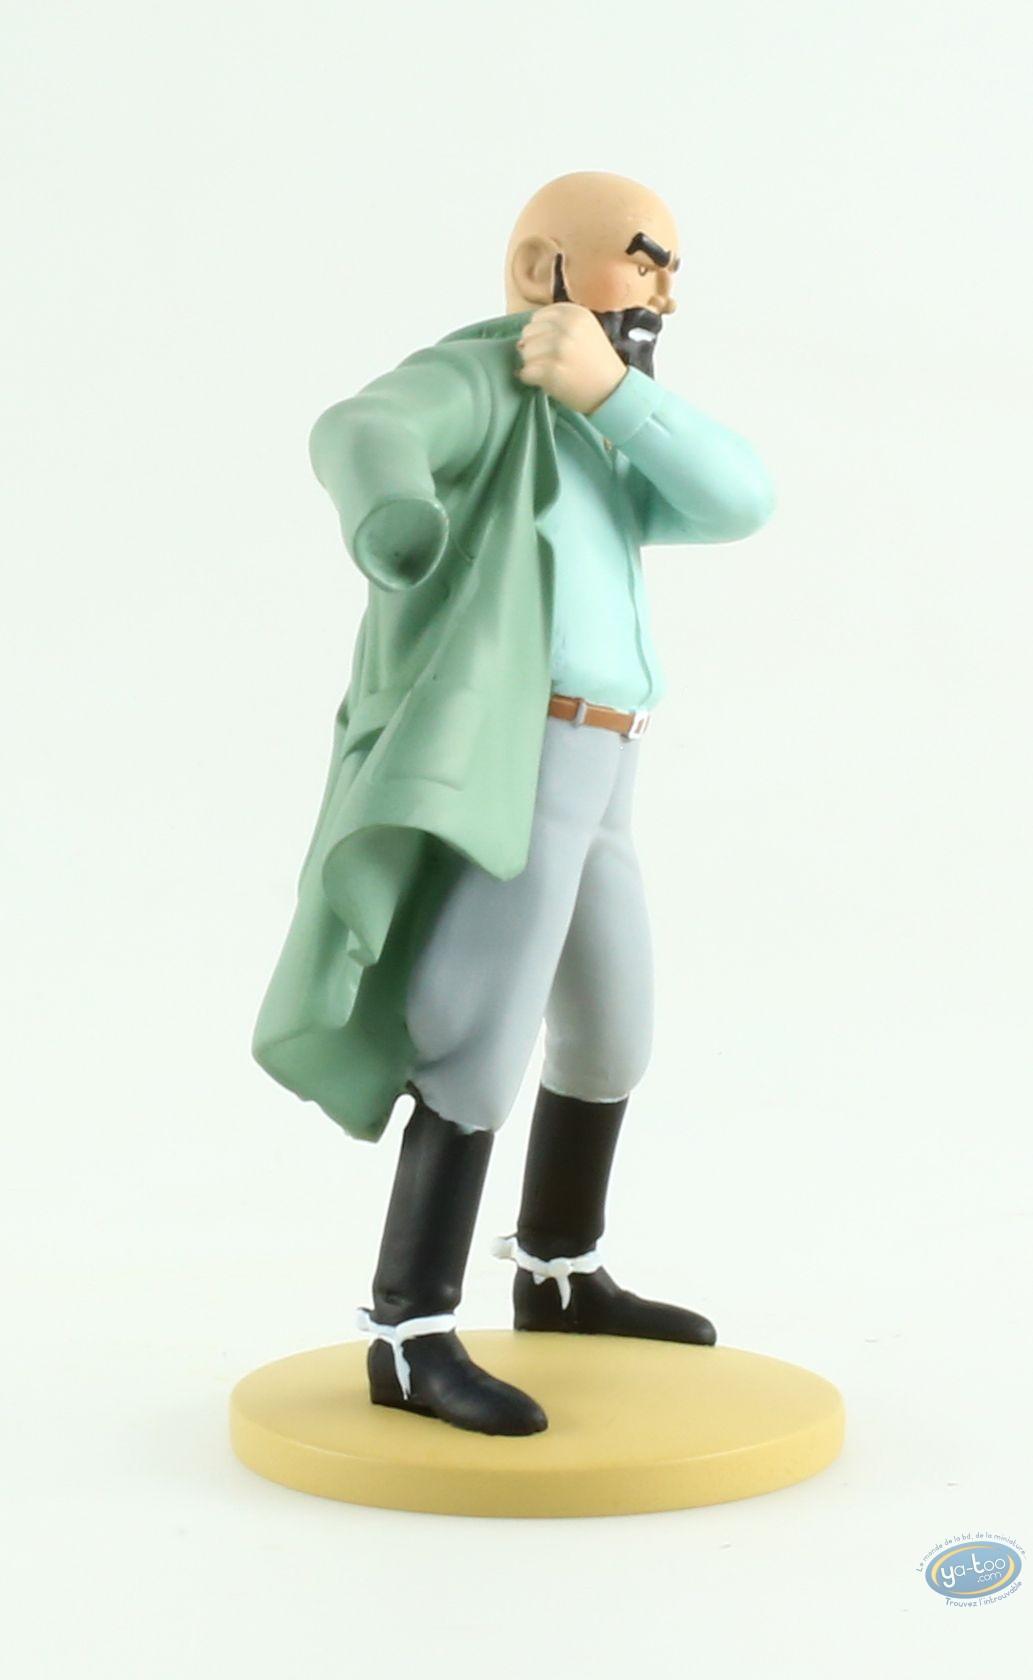 Statuette résine, Tintin : Müller réapparait, Tintin au pays de de l'or noir Page 26